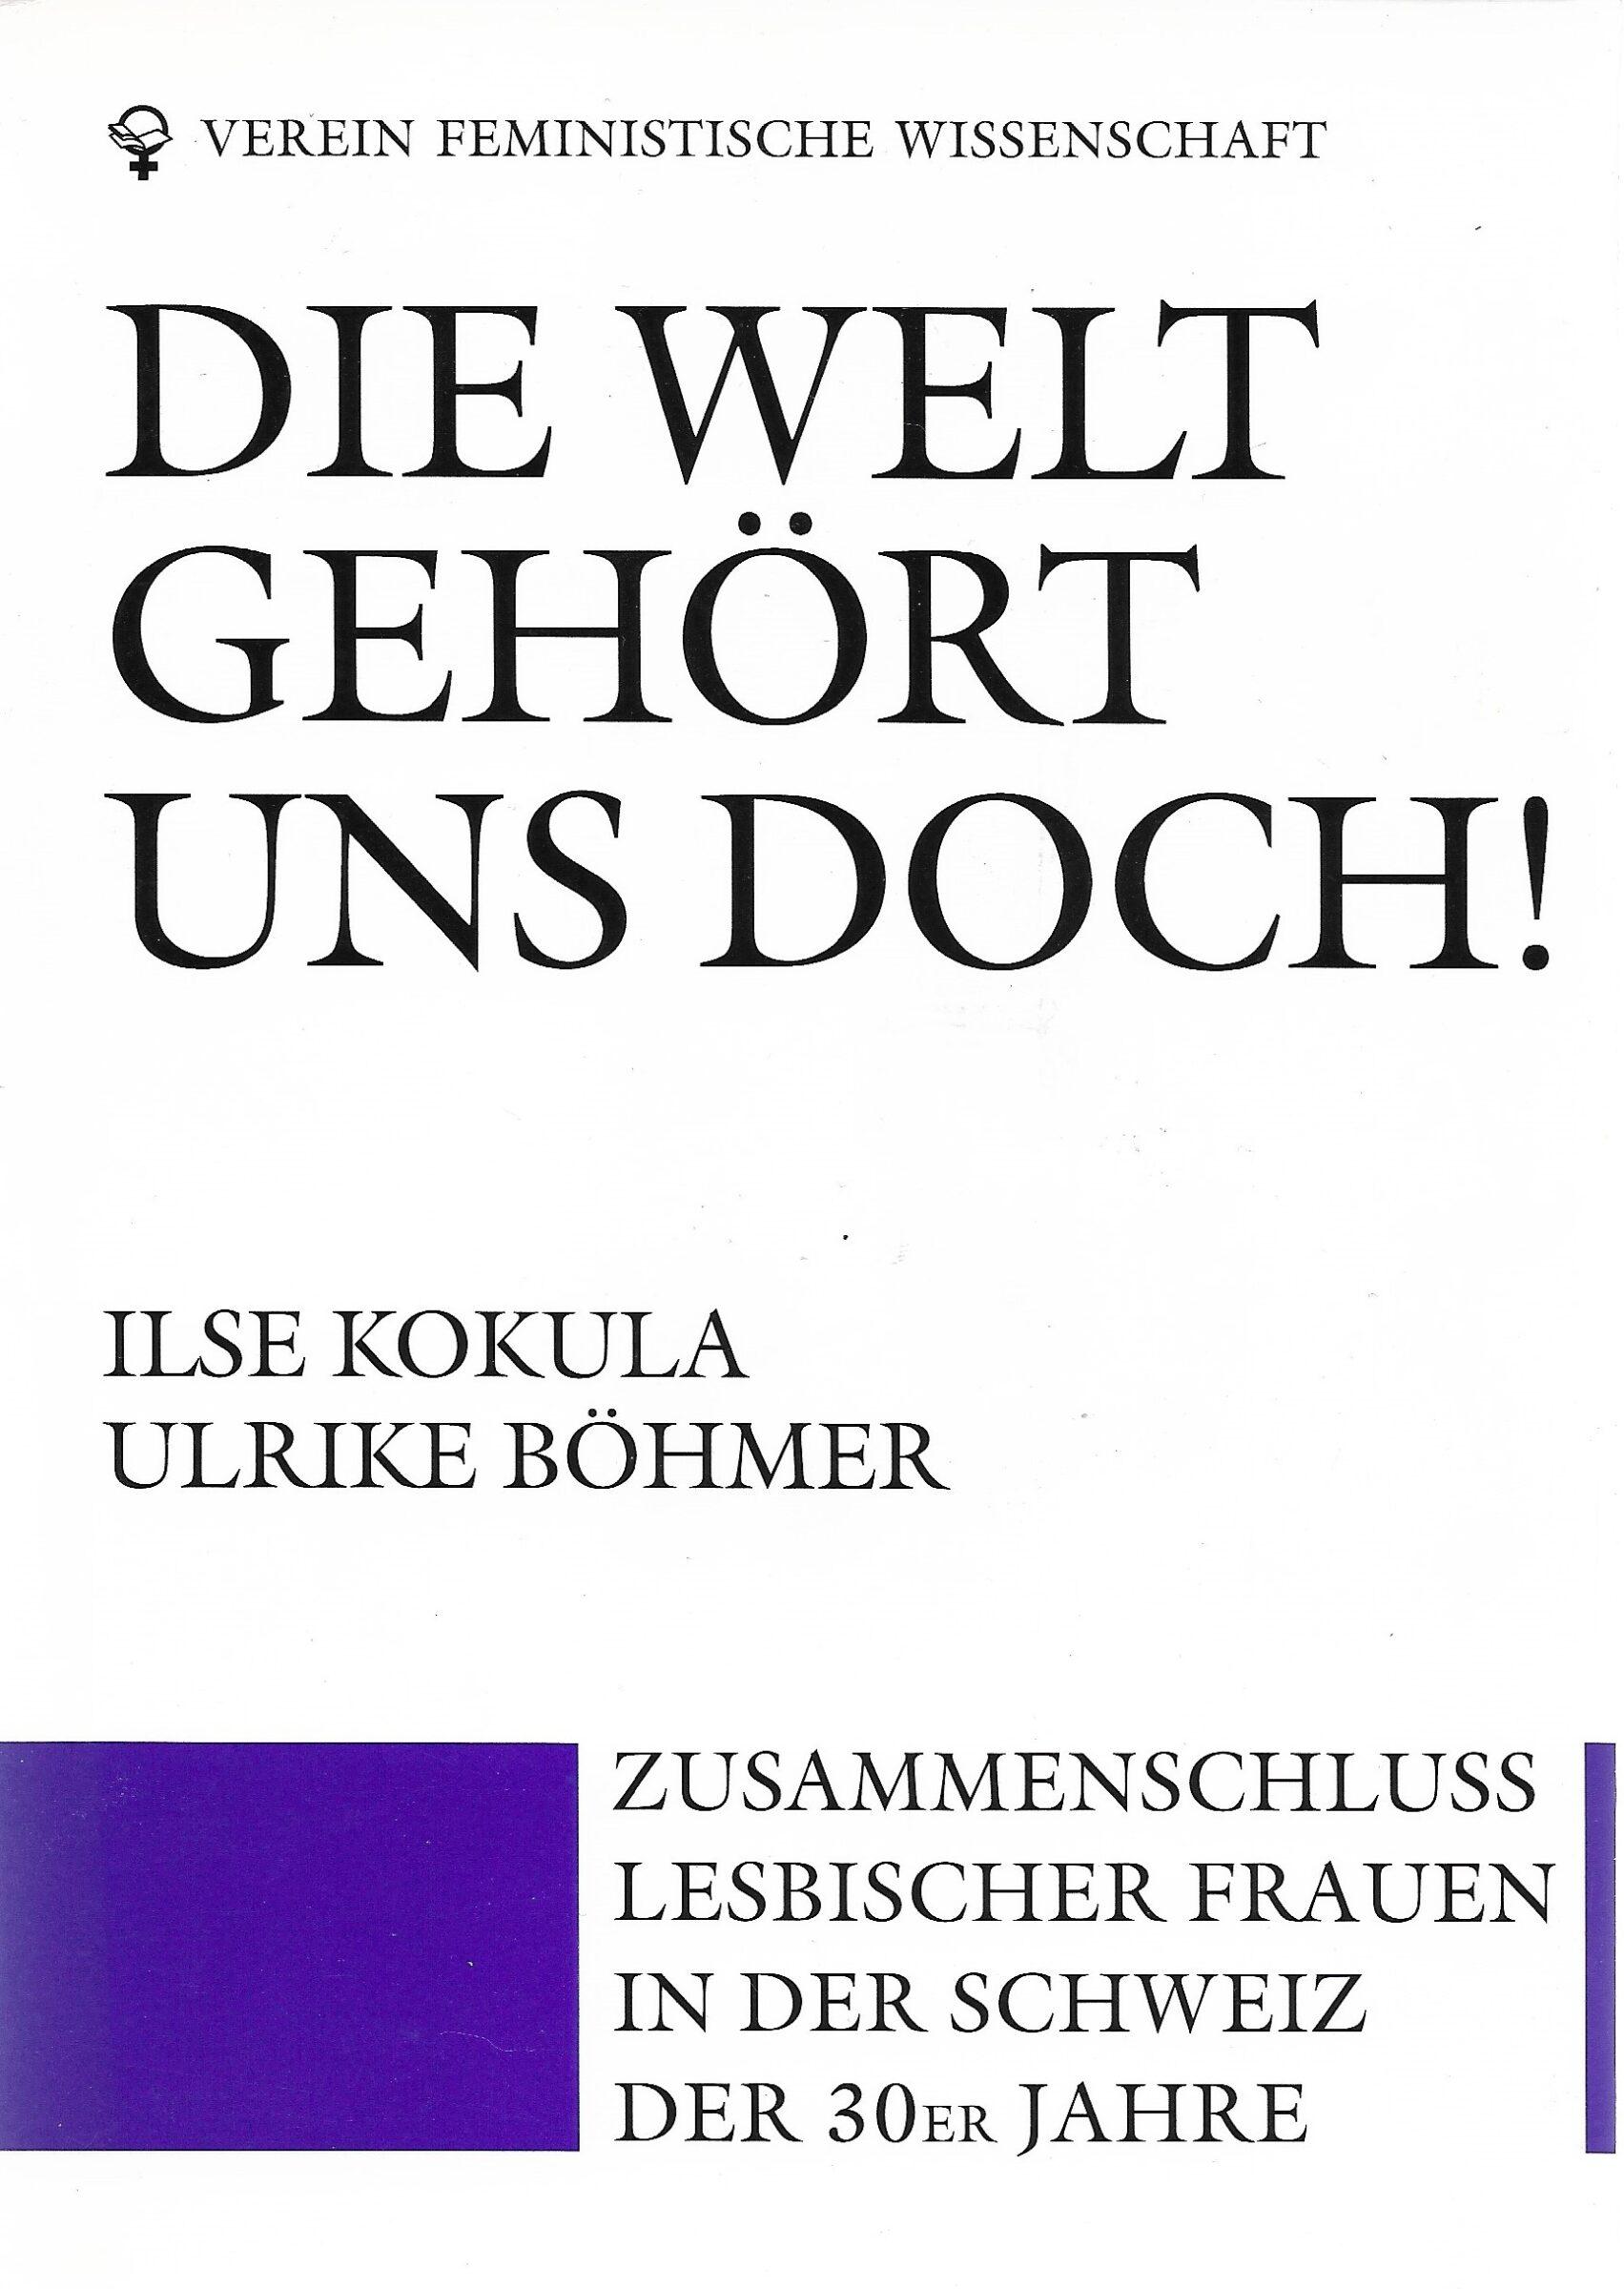 Buchcover von: Kokula, Ilse / Böhmer, Ulrike: Die Welt gehört und doch! Zusammenschluss lesbischer Frauen in der Schweiz der 30er Jahre (Hg. Verein feministische Wissenschaft Schweiz), Zürich: efef-Verlag 1991.